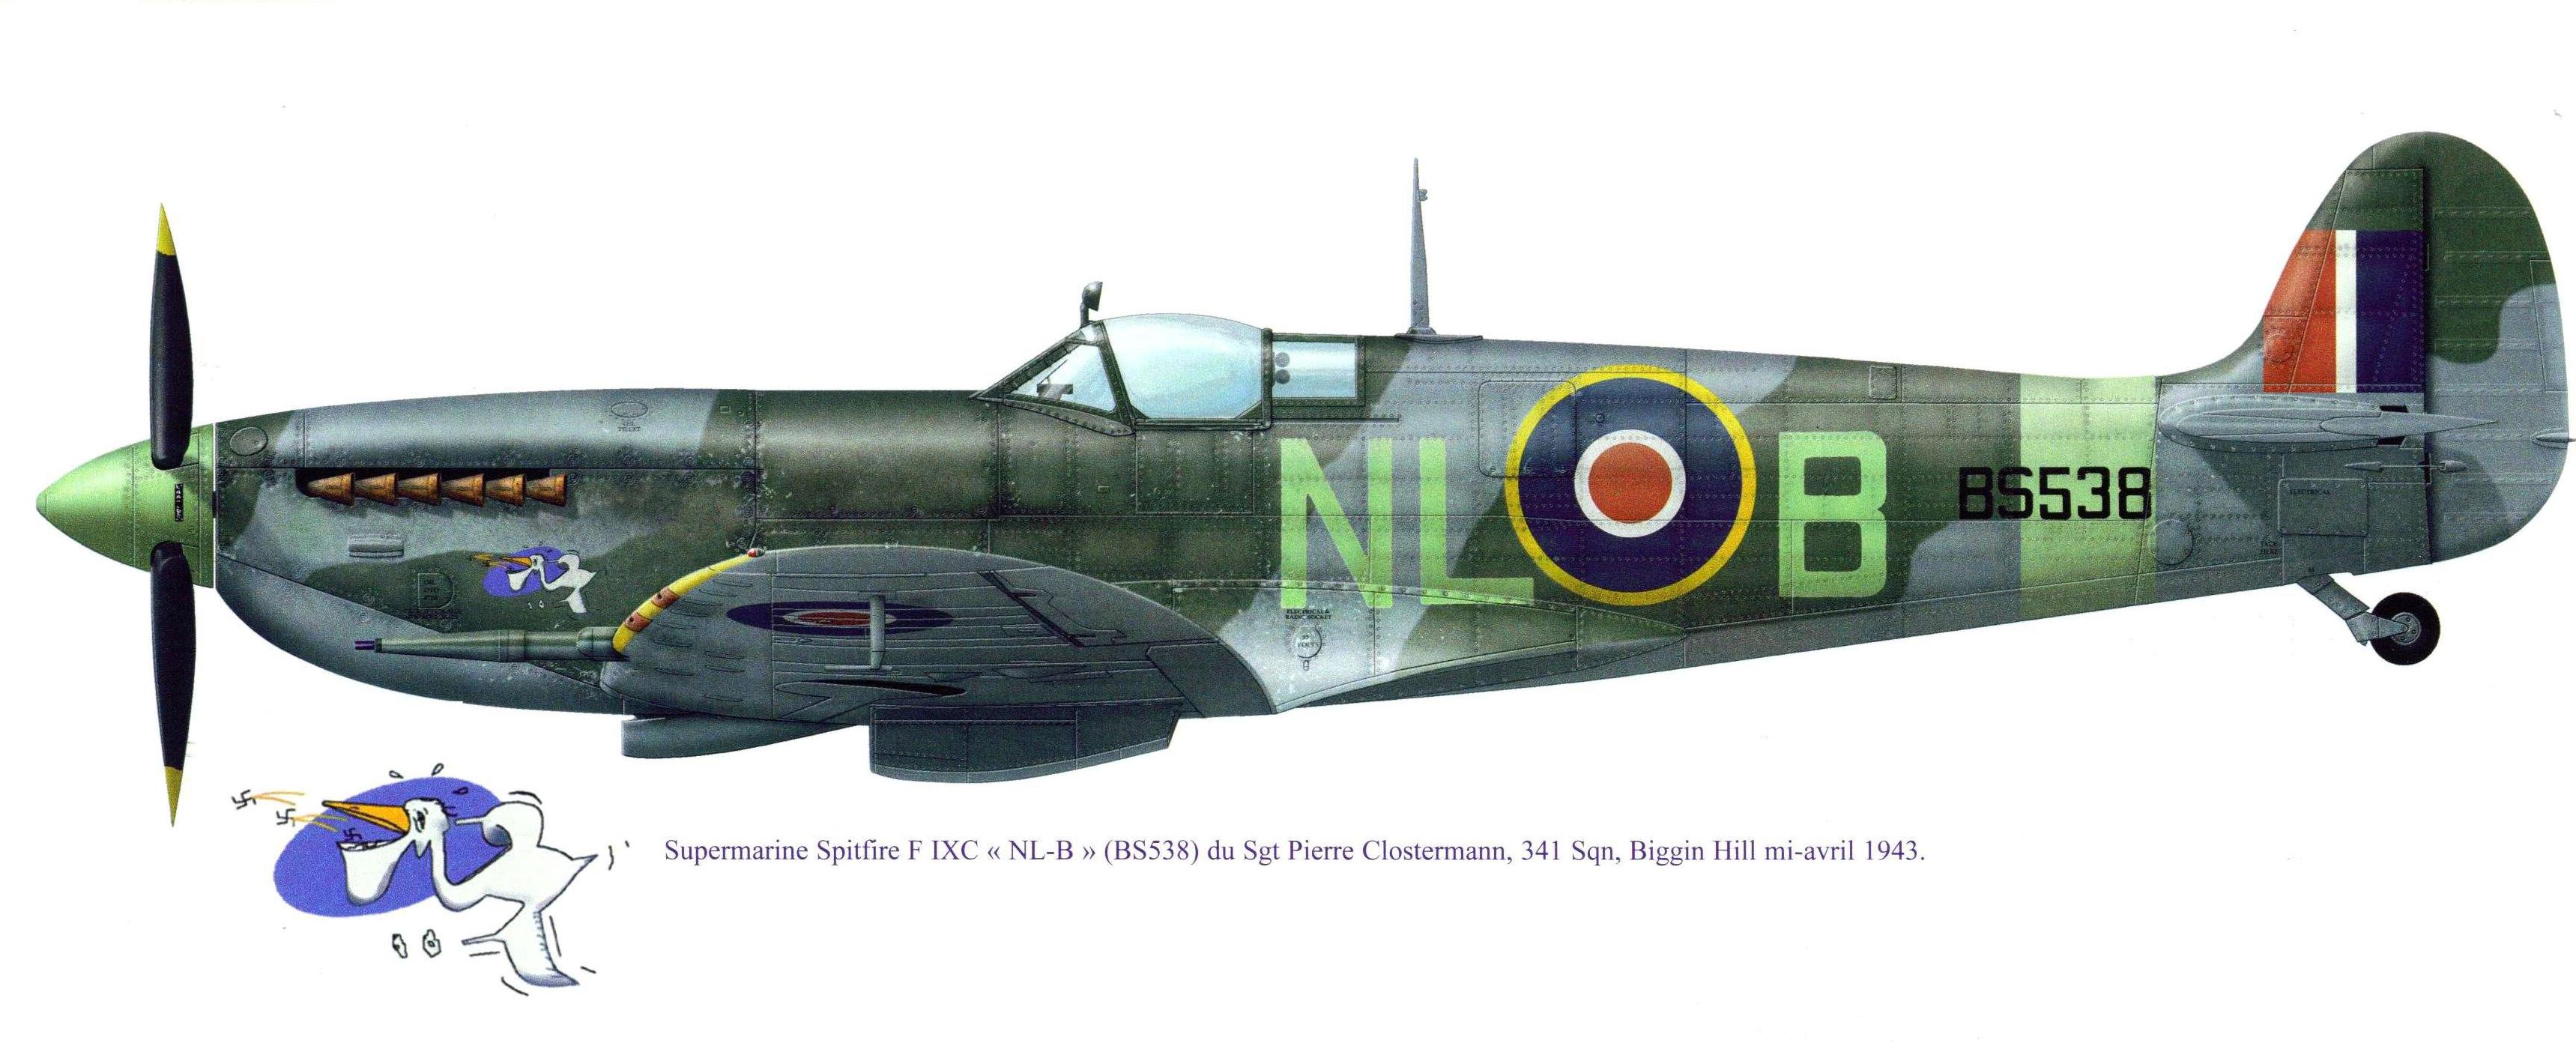 Spitfire LFIX RAF 341Sqn NLB Pierre Clostermann BS538 Biggin Hill 1943 0B